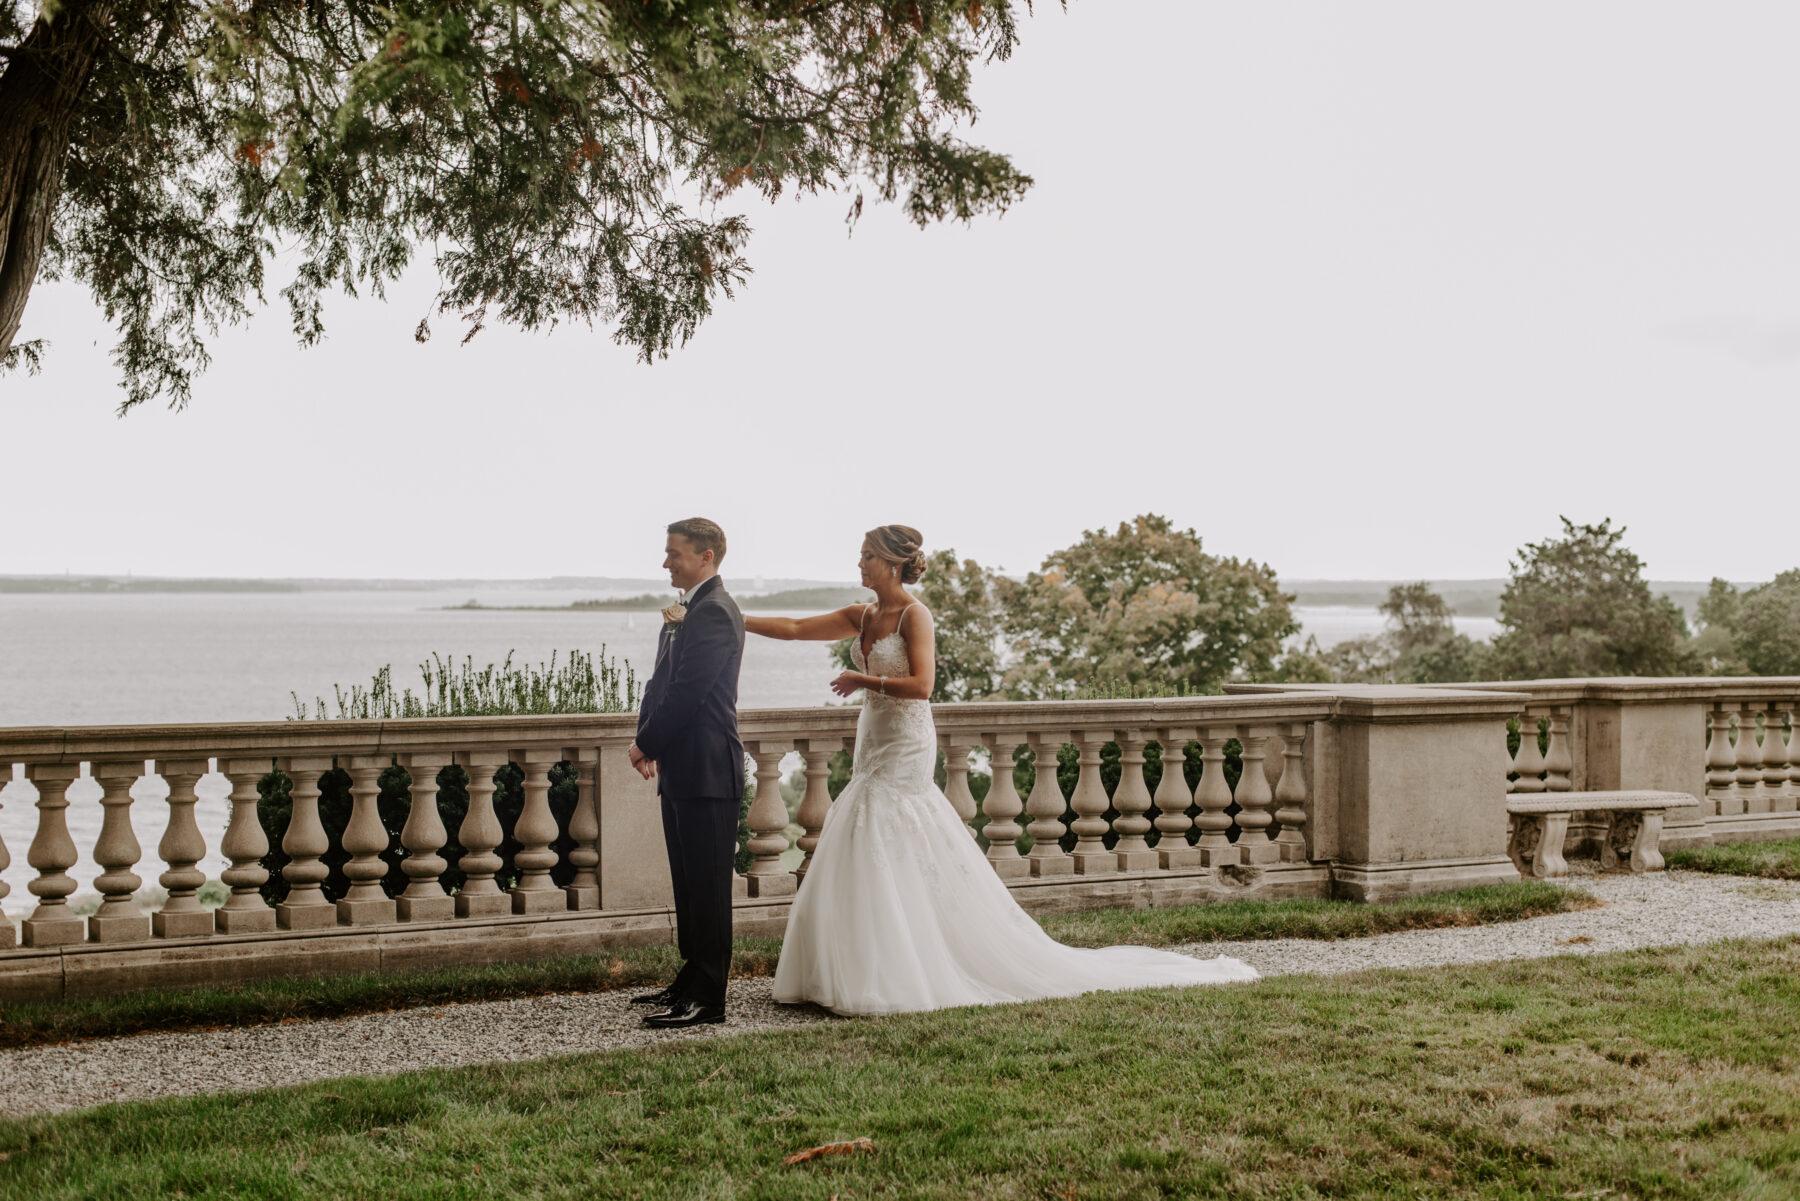 Aldrich Mansion Warwick Wedding Lauren and Paul Blueflash Photography 19